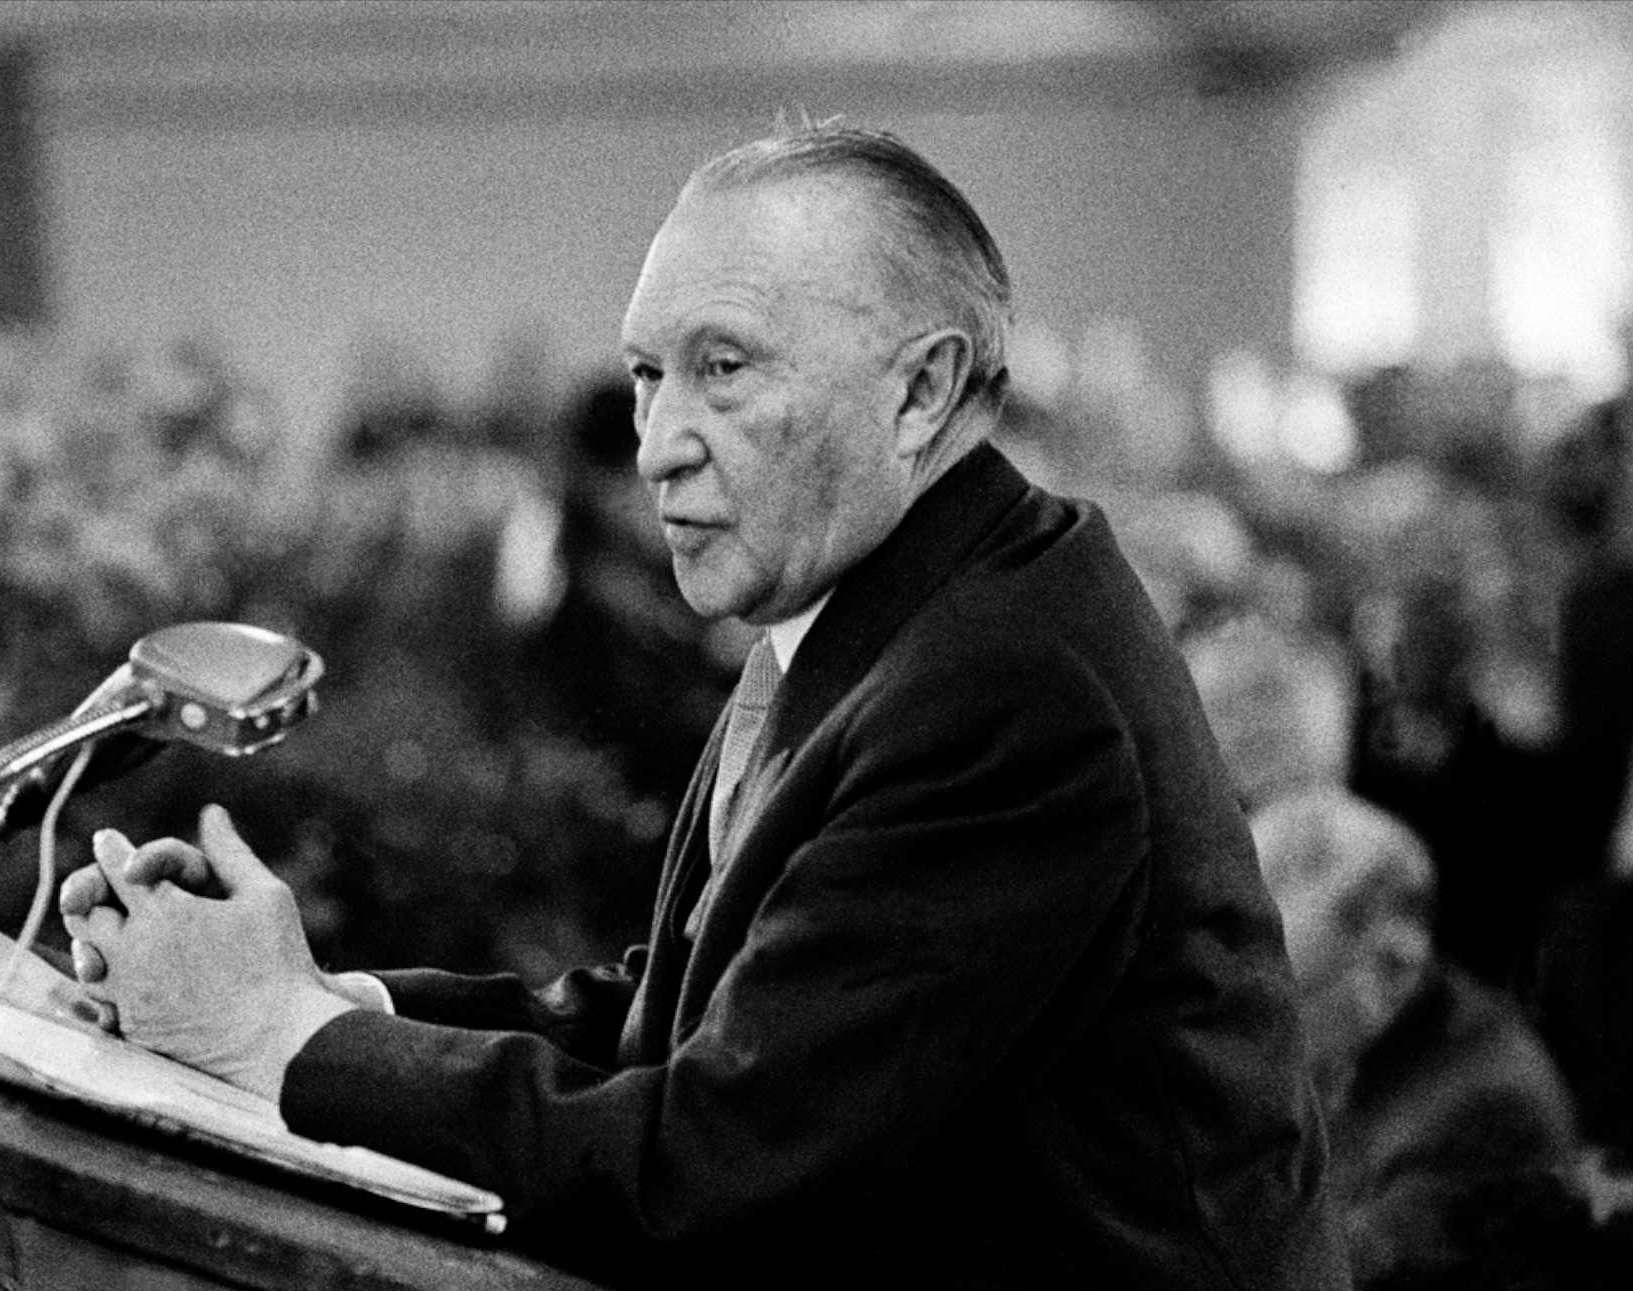 Nemački kancelar Konrad Adenauer za govornicom 1957. godine (Foto: horvatland.com)